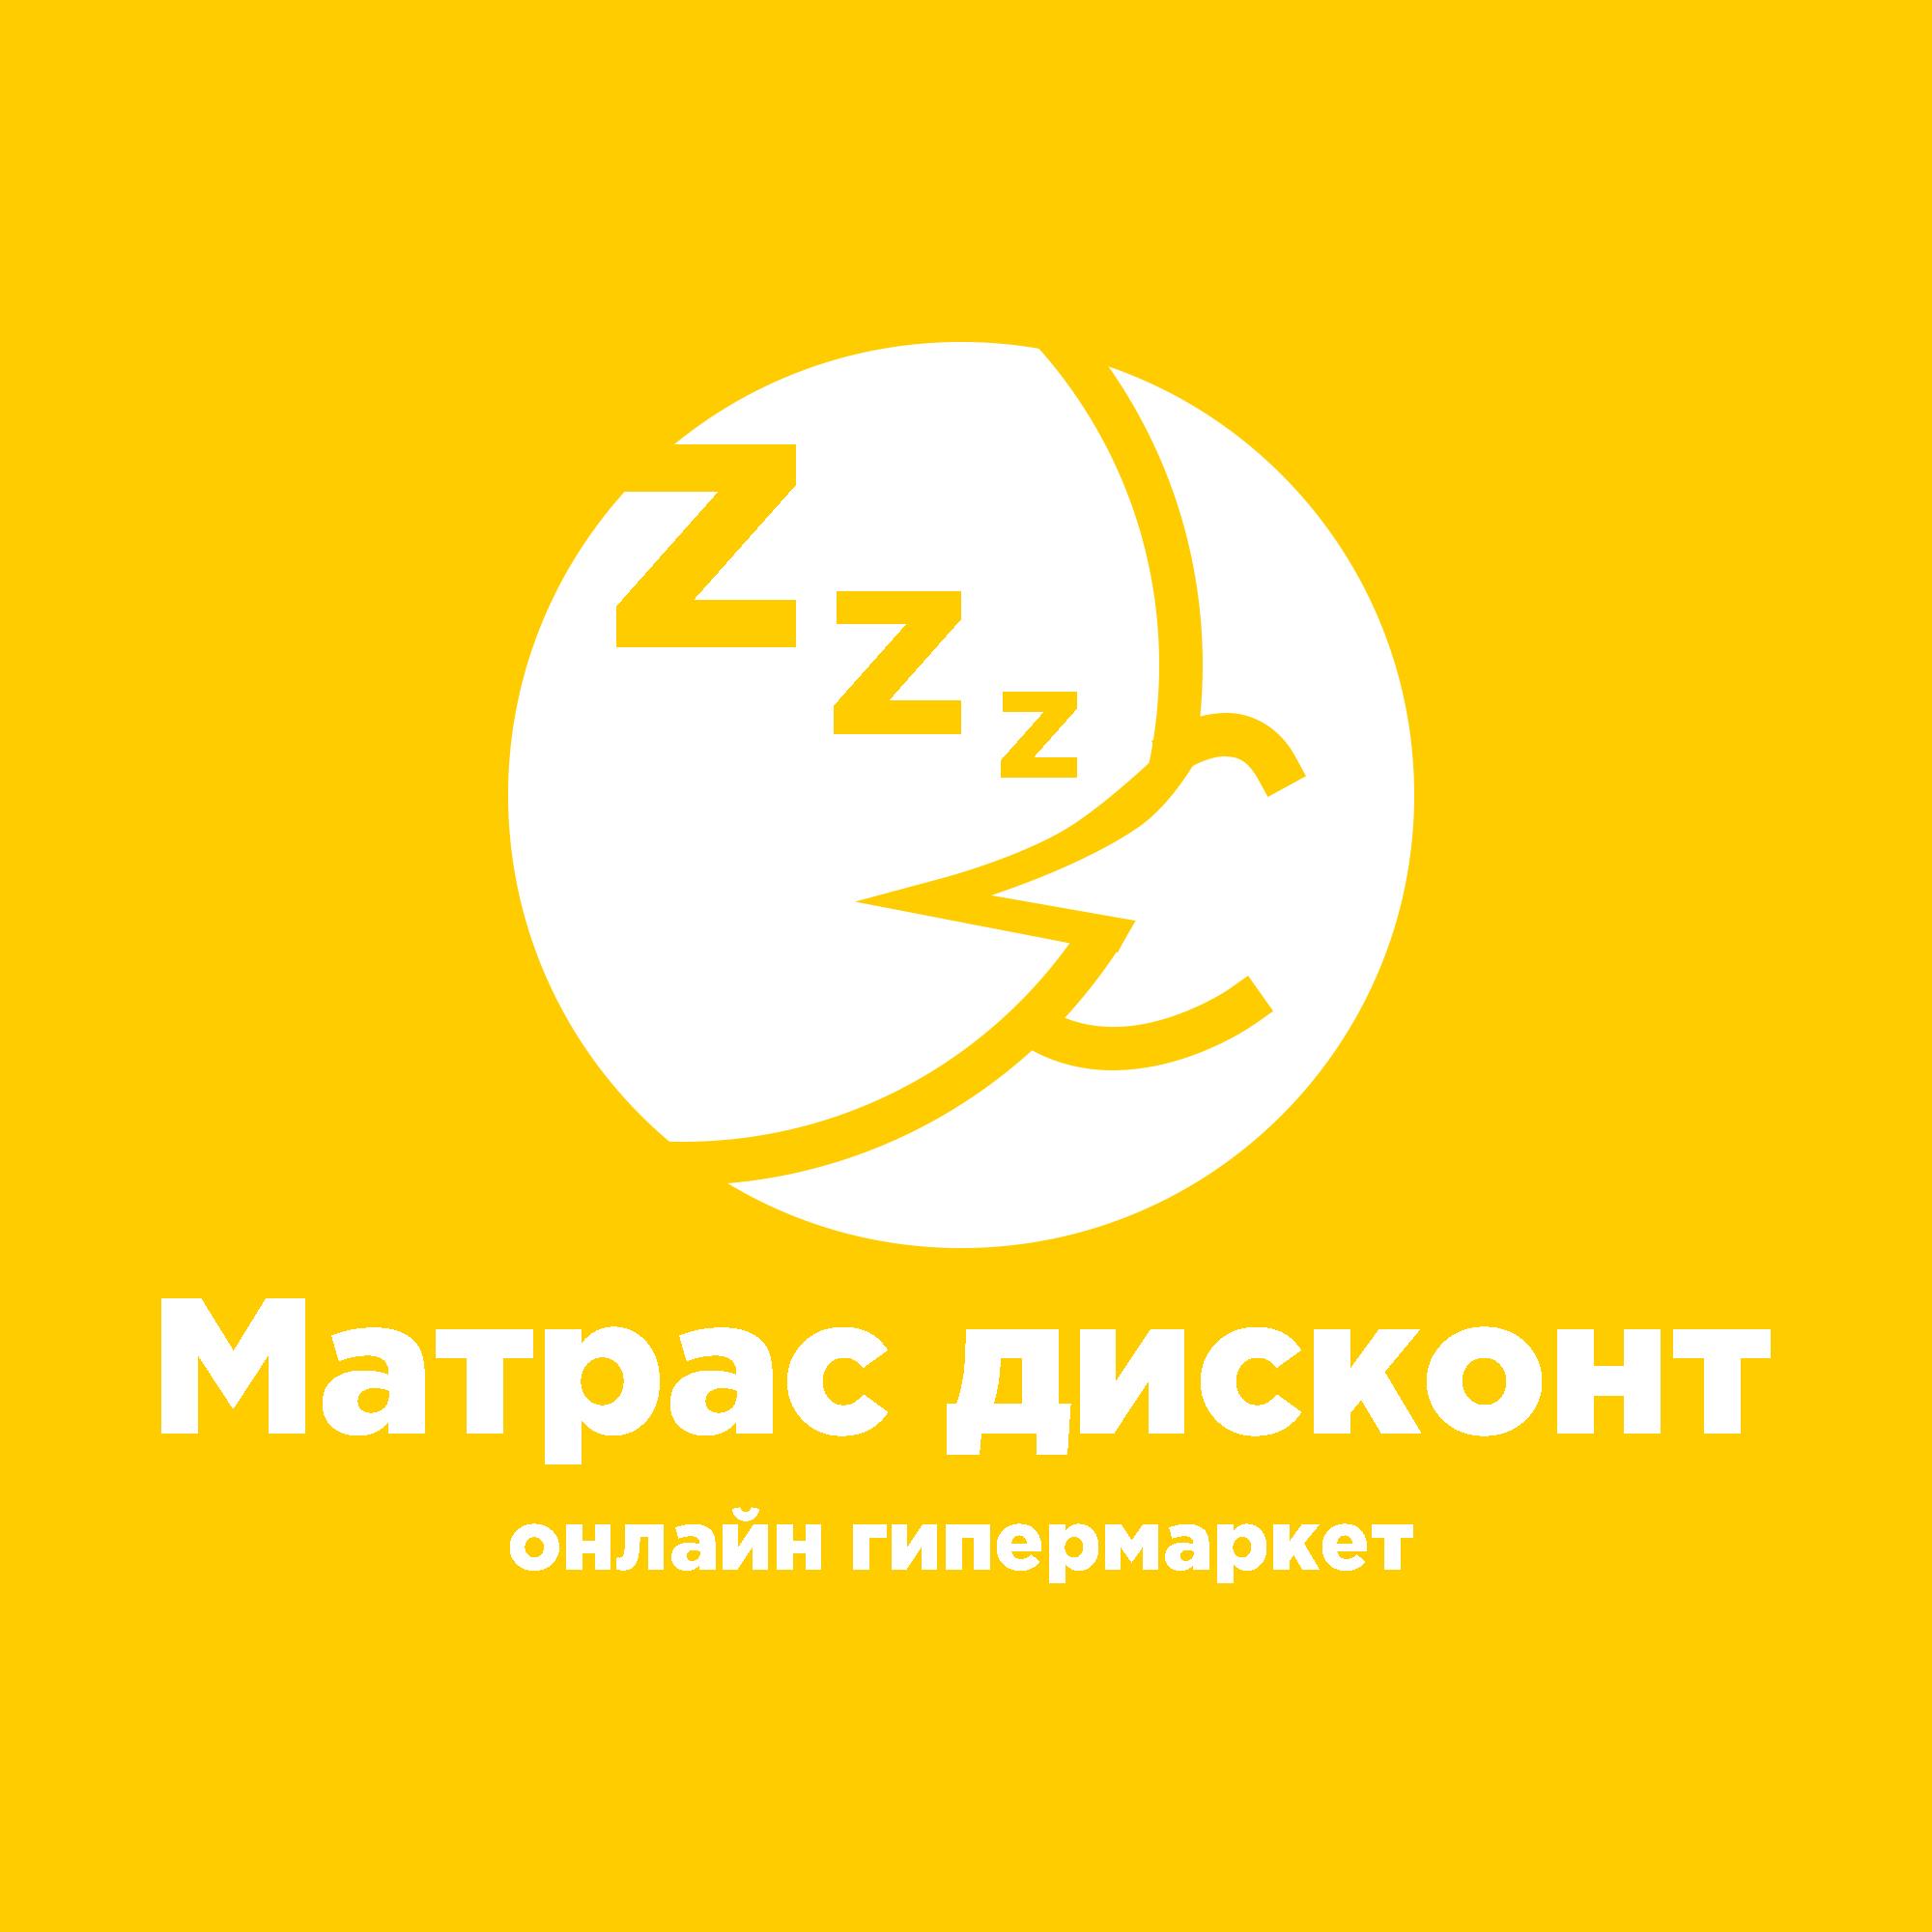 Логотип для ИМ матрасов фото f_3235c87c50342620.jpg